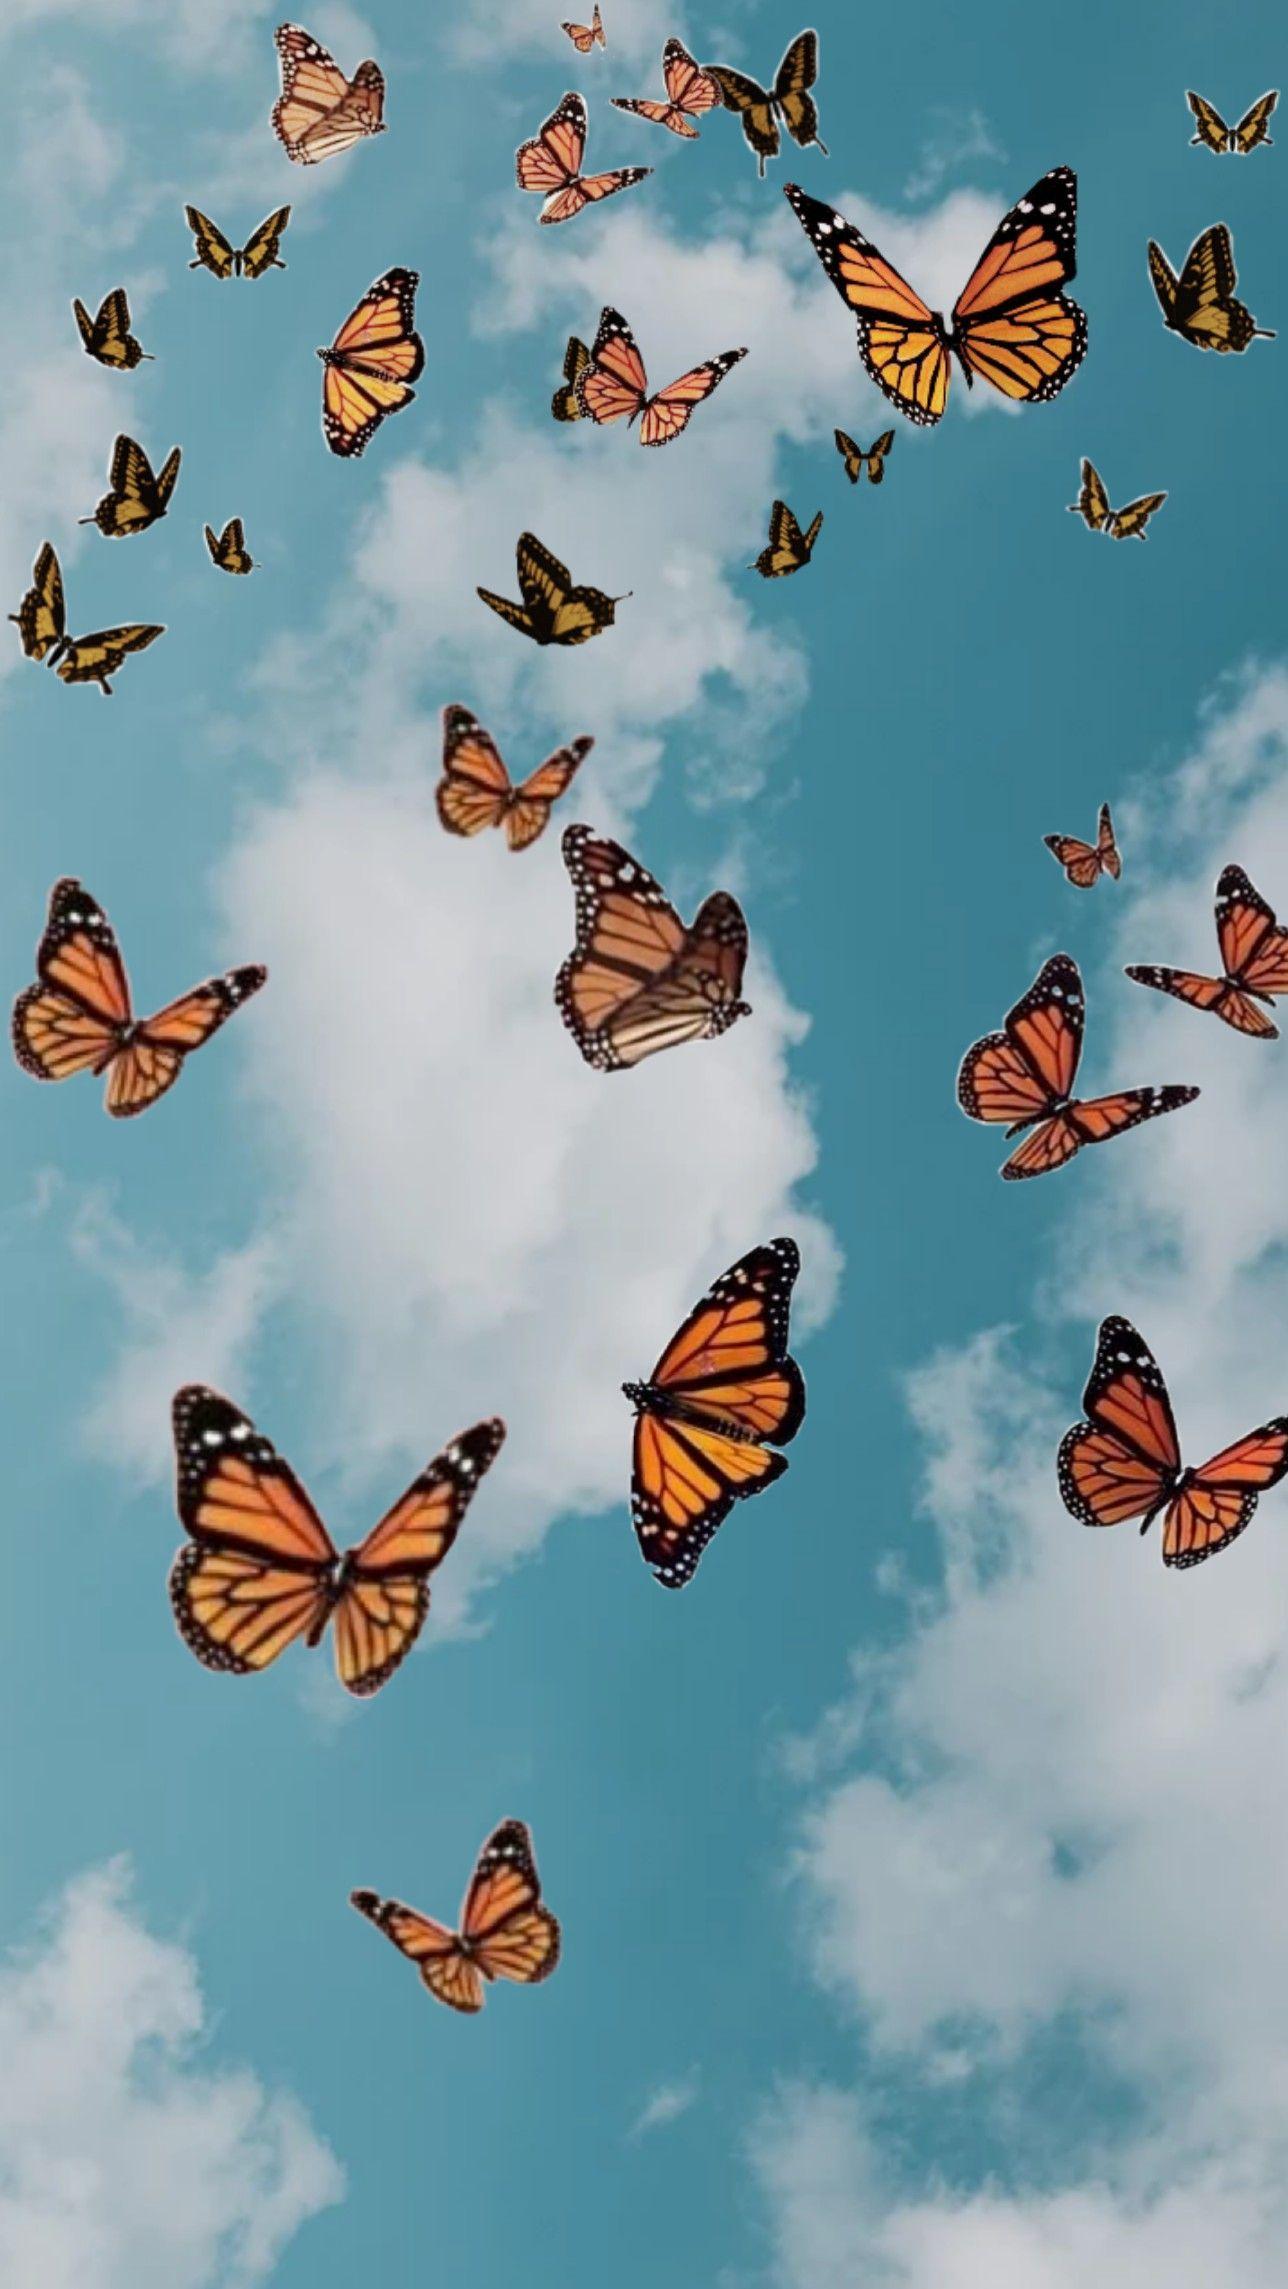 Butterfly In Sky Aesthetic Wallpaper In 2020 Butterfly Wallpaper Iphone Aesthetic Pastel Wallpaper Butterfly Wallpaper